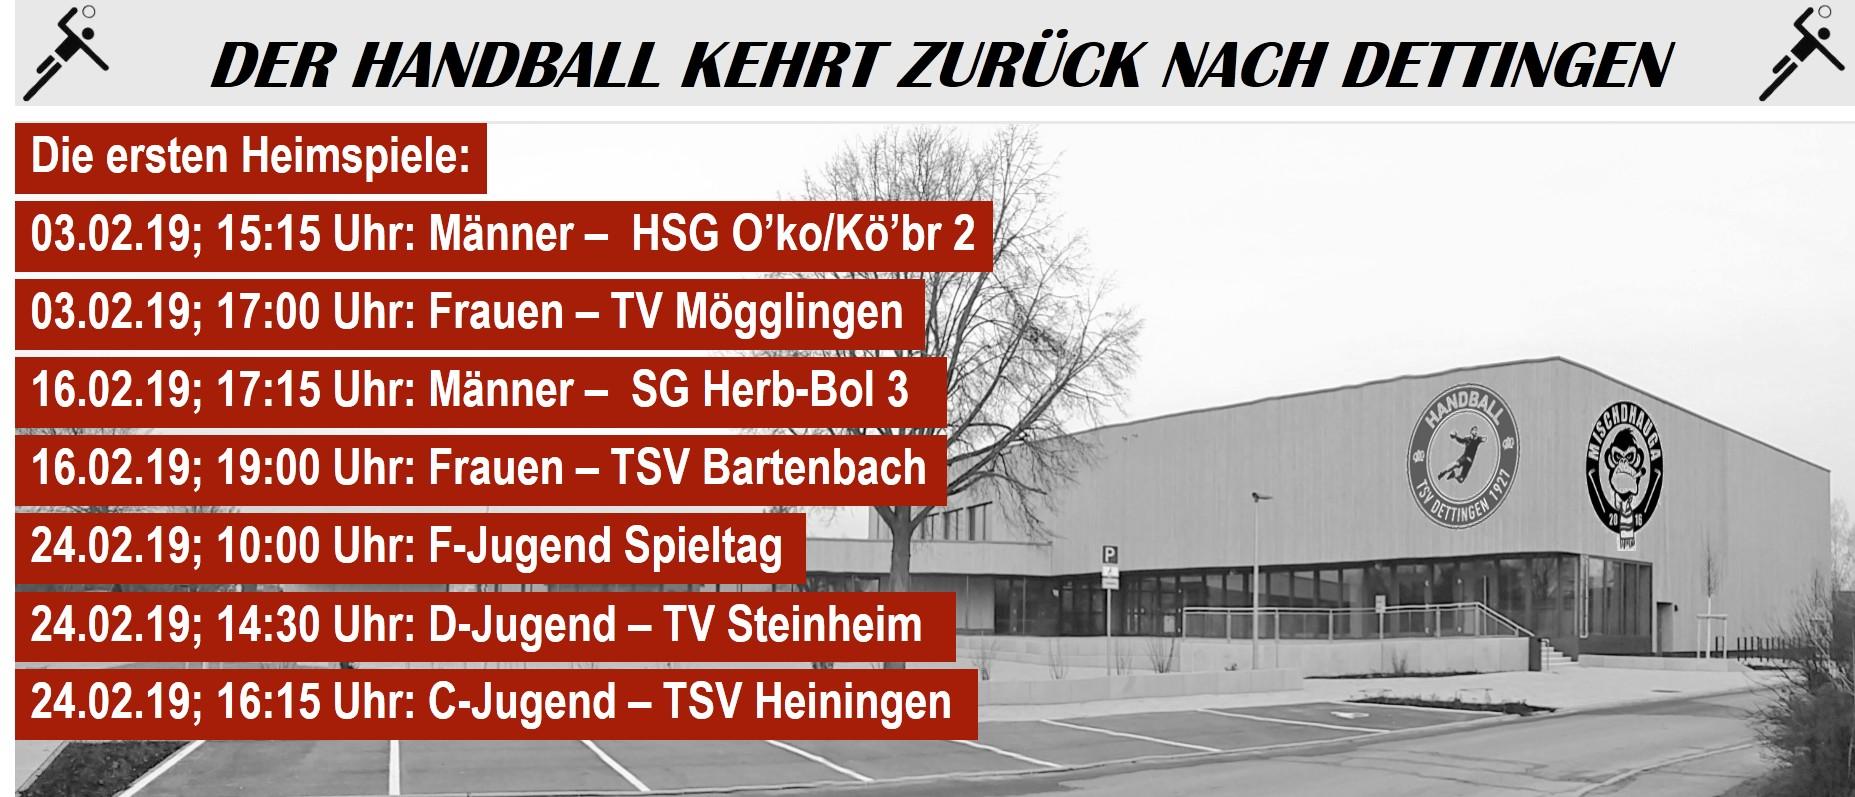 Der Handball kehrt zurück nach Dettingen